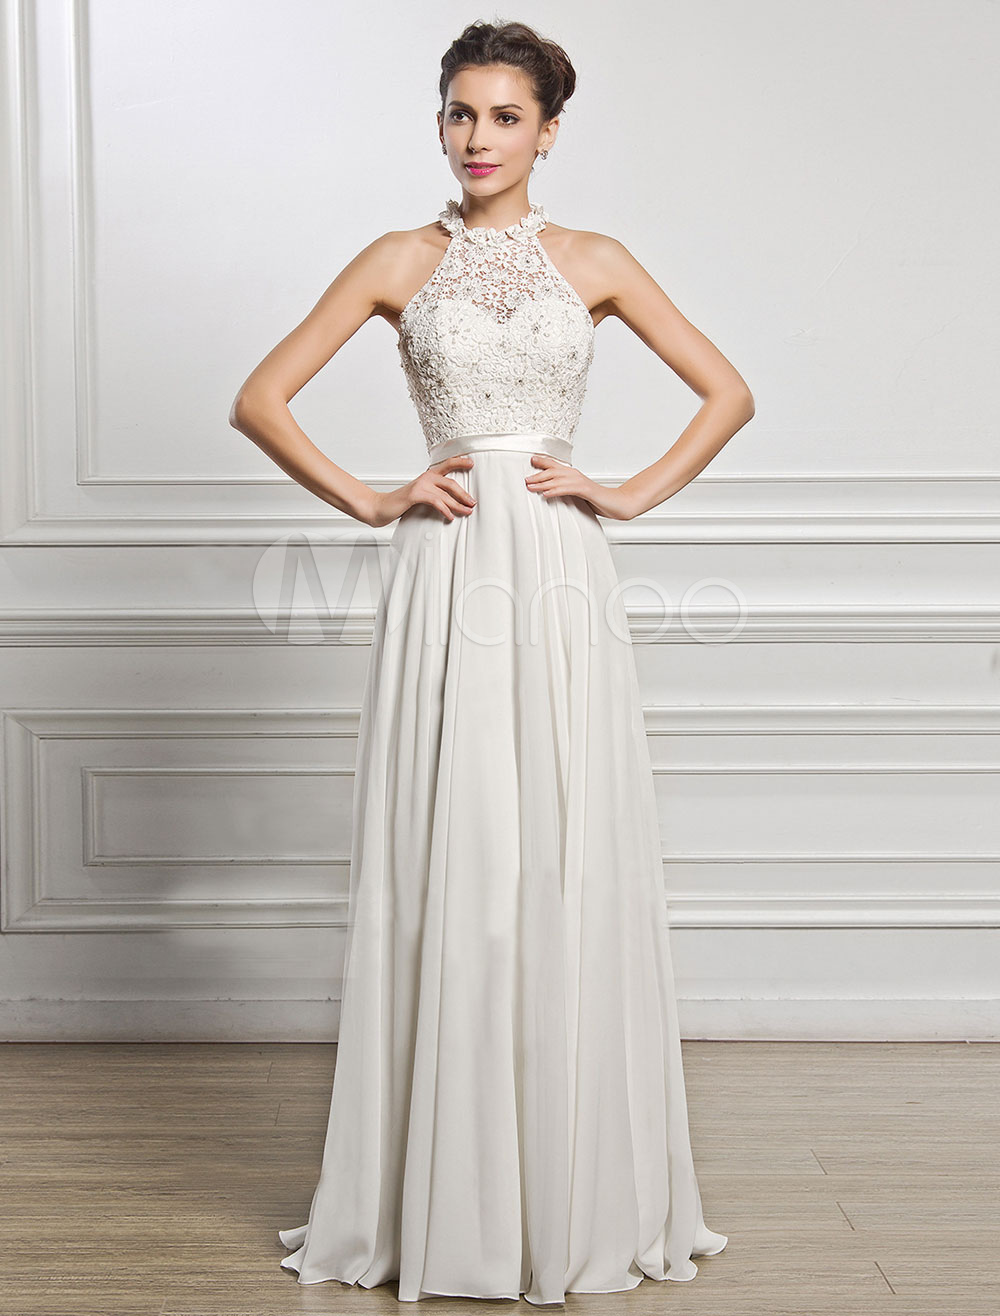 Vestidos elegantes en color blanco